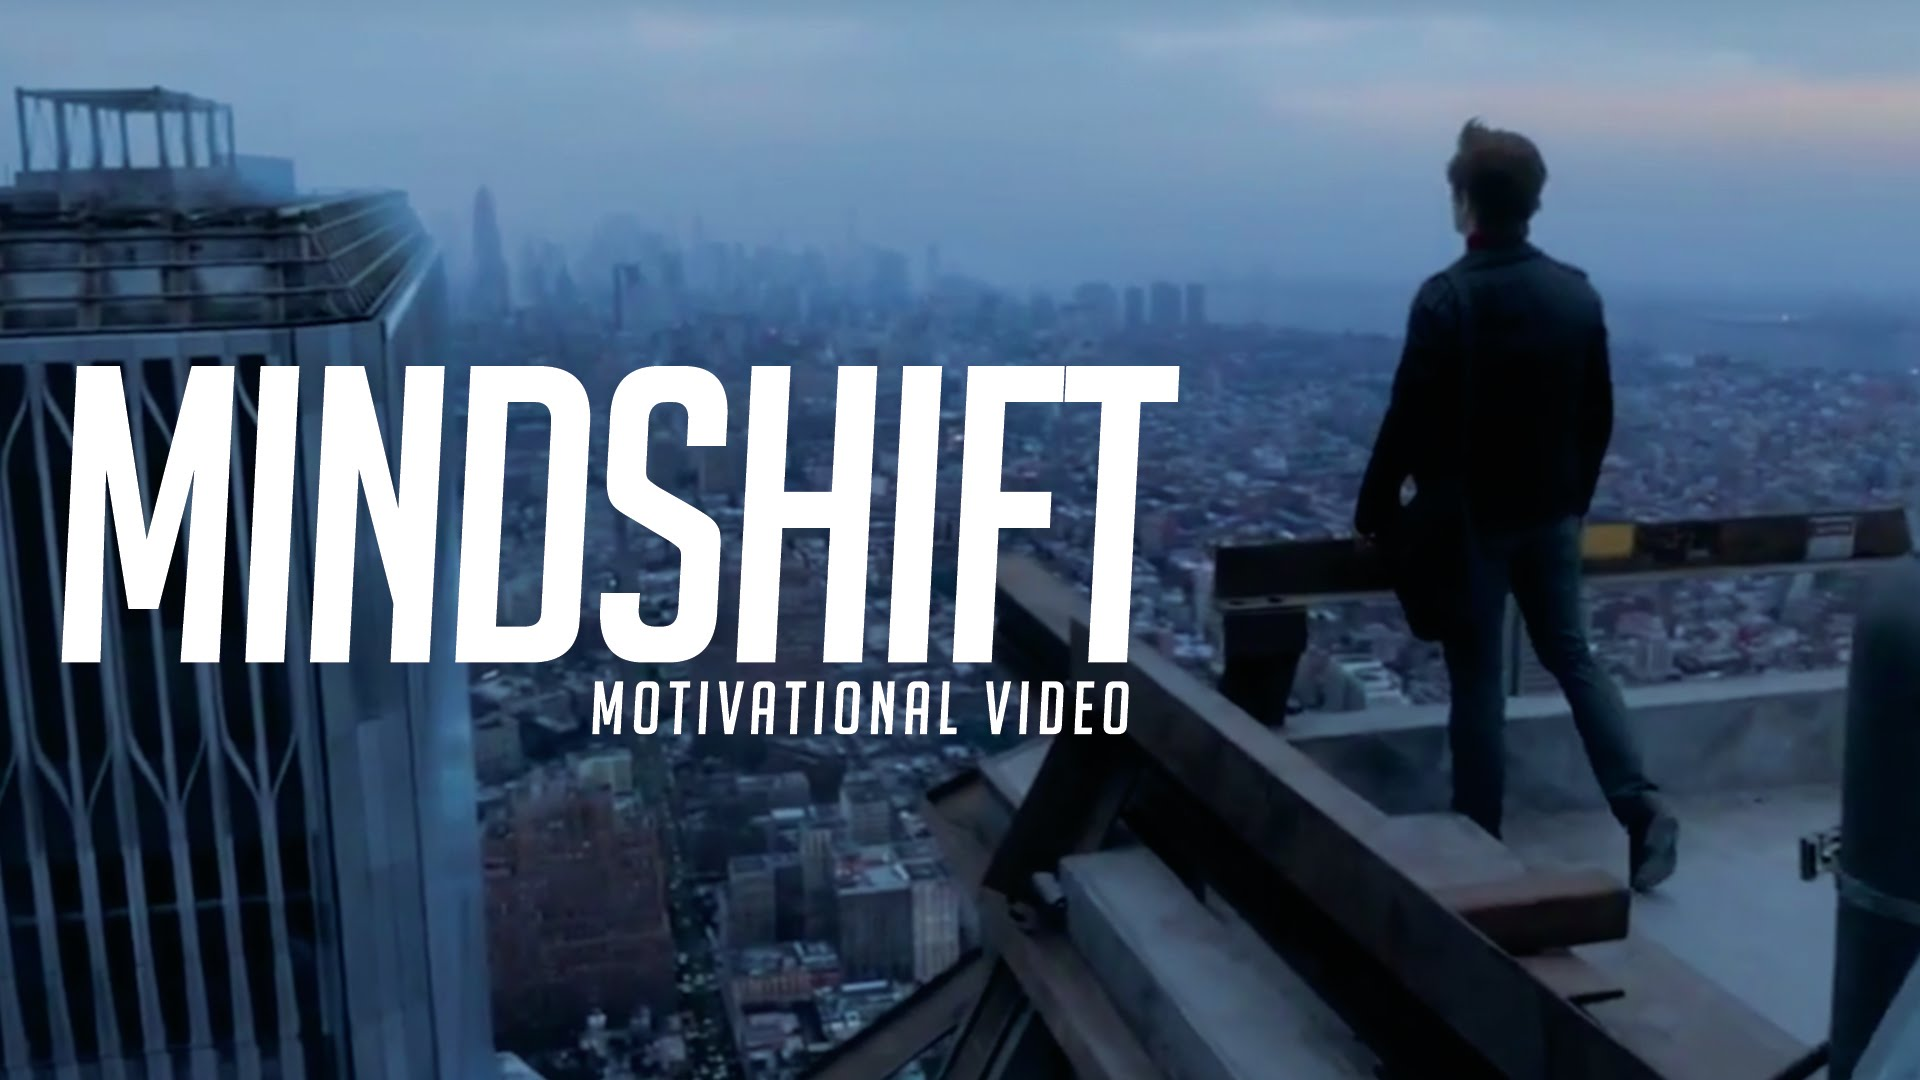 Mindshift: Change Your Mind (Motivational Video)